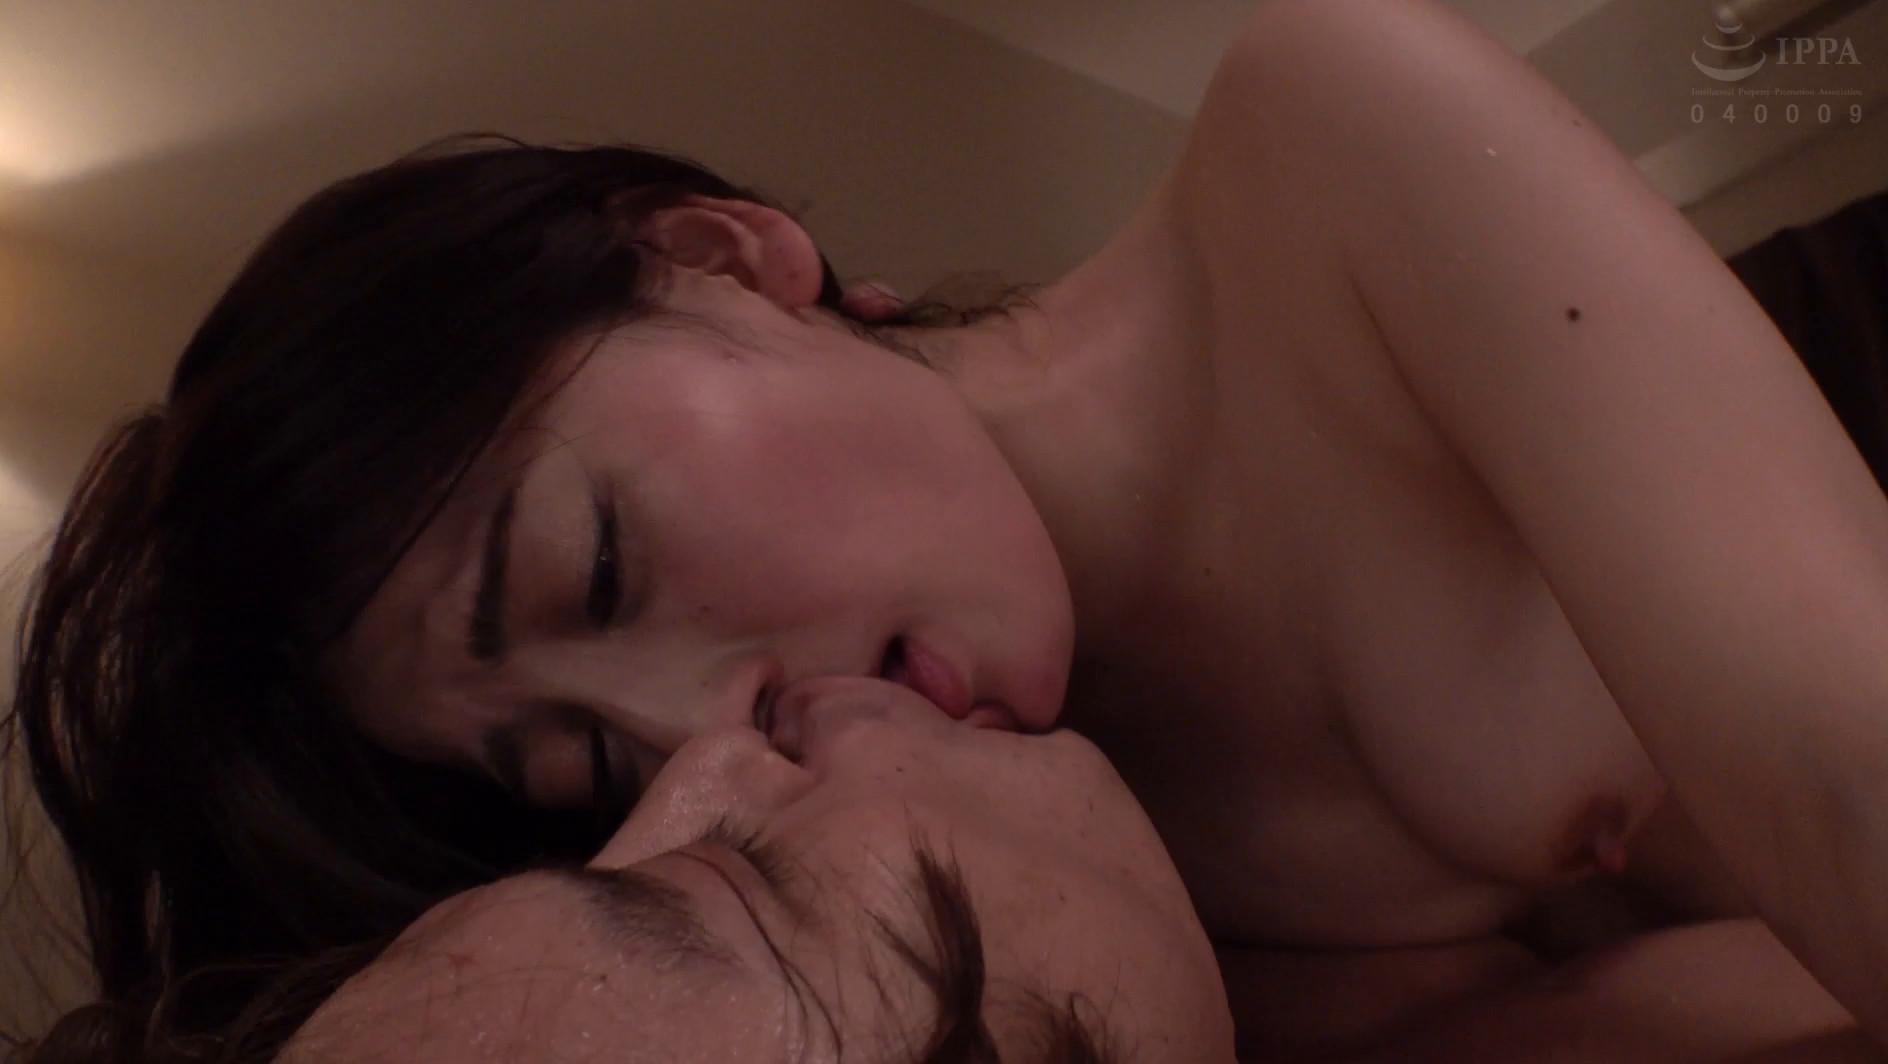 キスだけで濡れる敏感妻の【愛液ダダ漏れ汗だく密着性交】~夫に罪悪感を感じながら不倫相手と唾液を絡め合う・・・接吻、接吻、接吻を繰り返す最後のSEX禁断の48時間~ 紗々原ゆり,のサンプル画像19